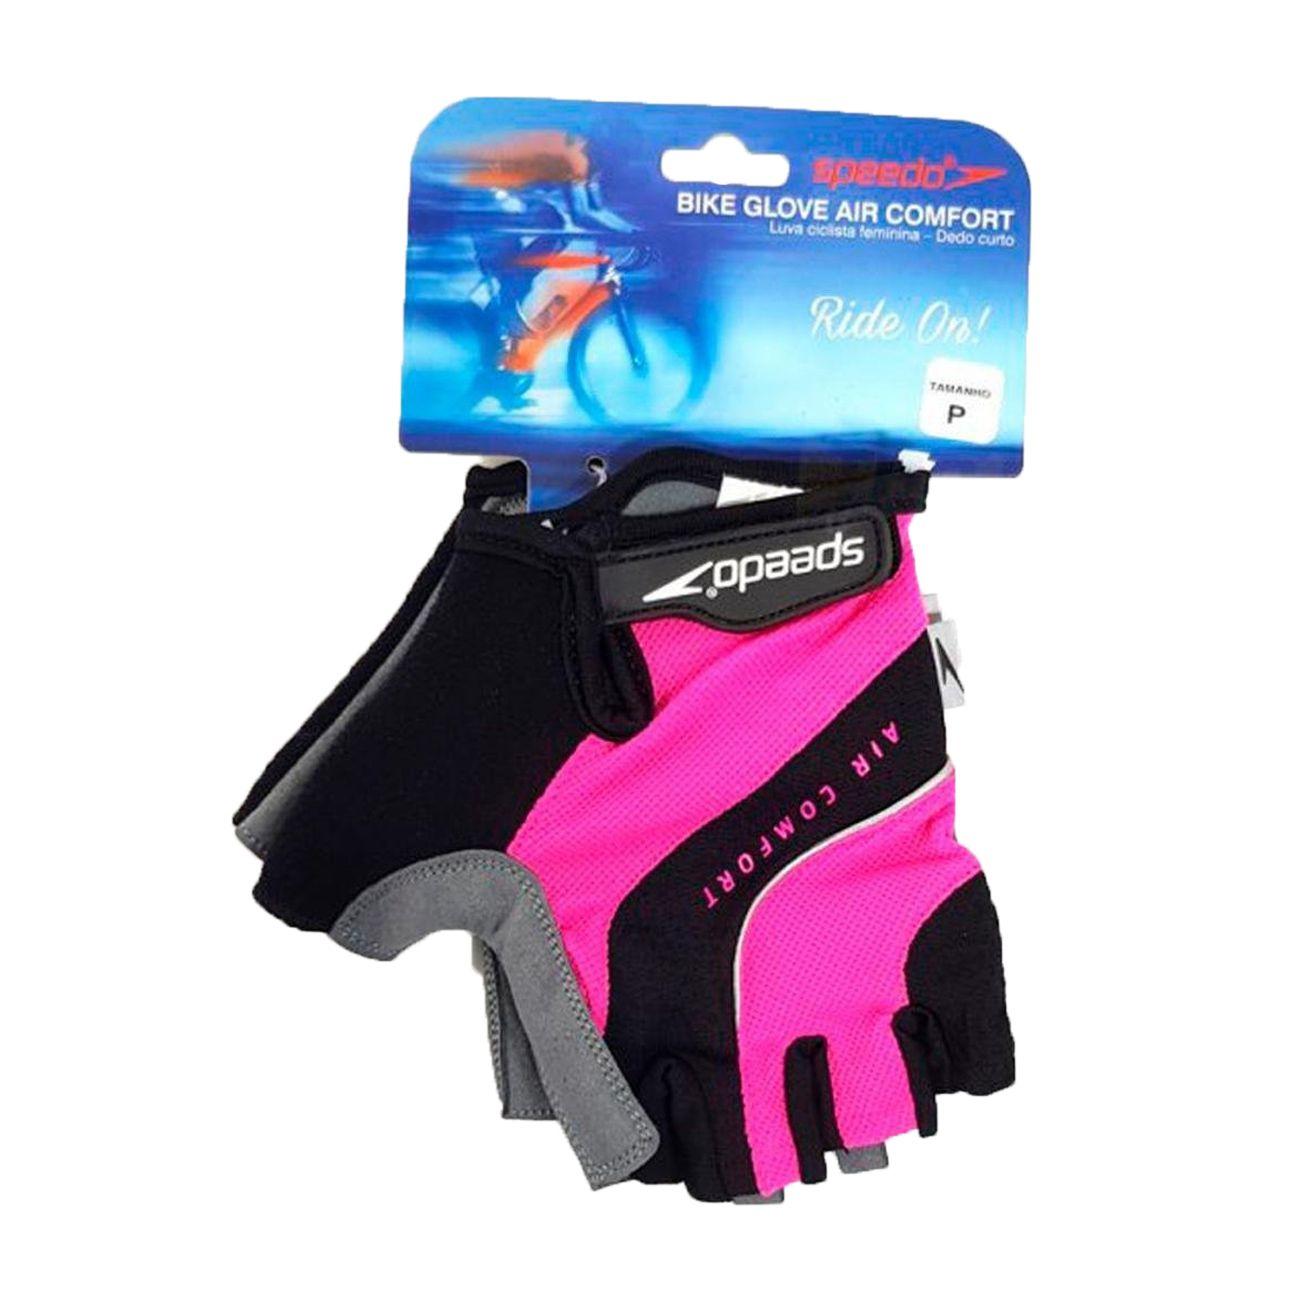 Luva Speedo Bike Glove Air Comfort Rosa E Preto